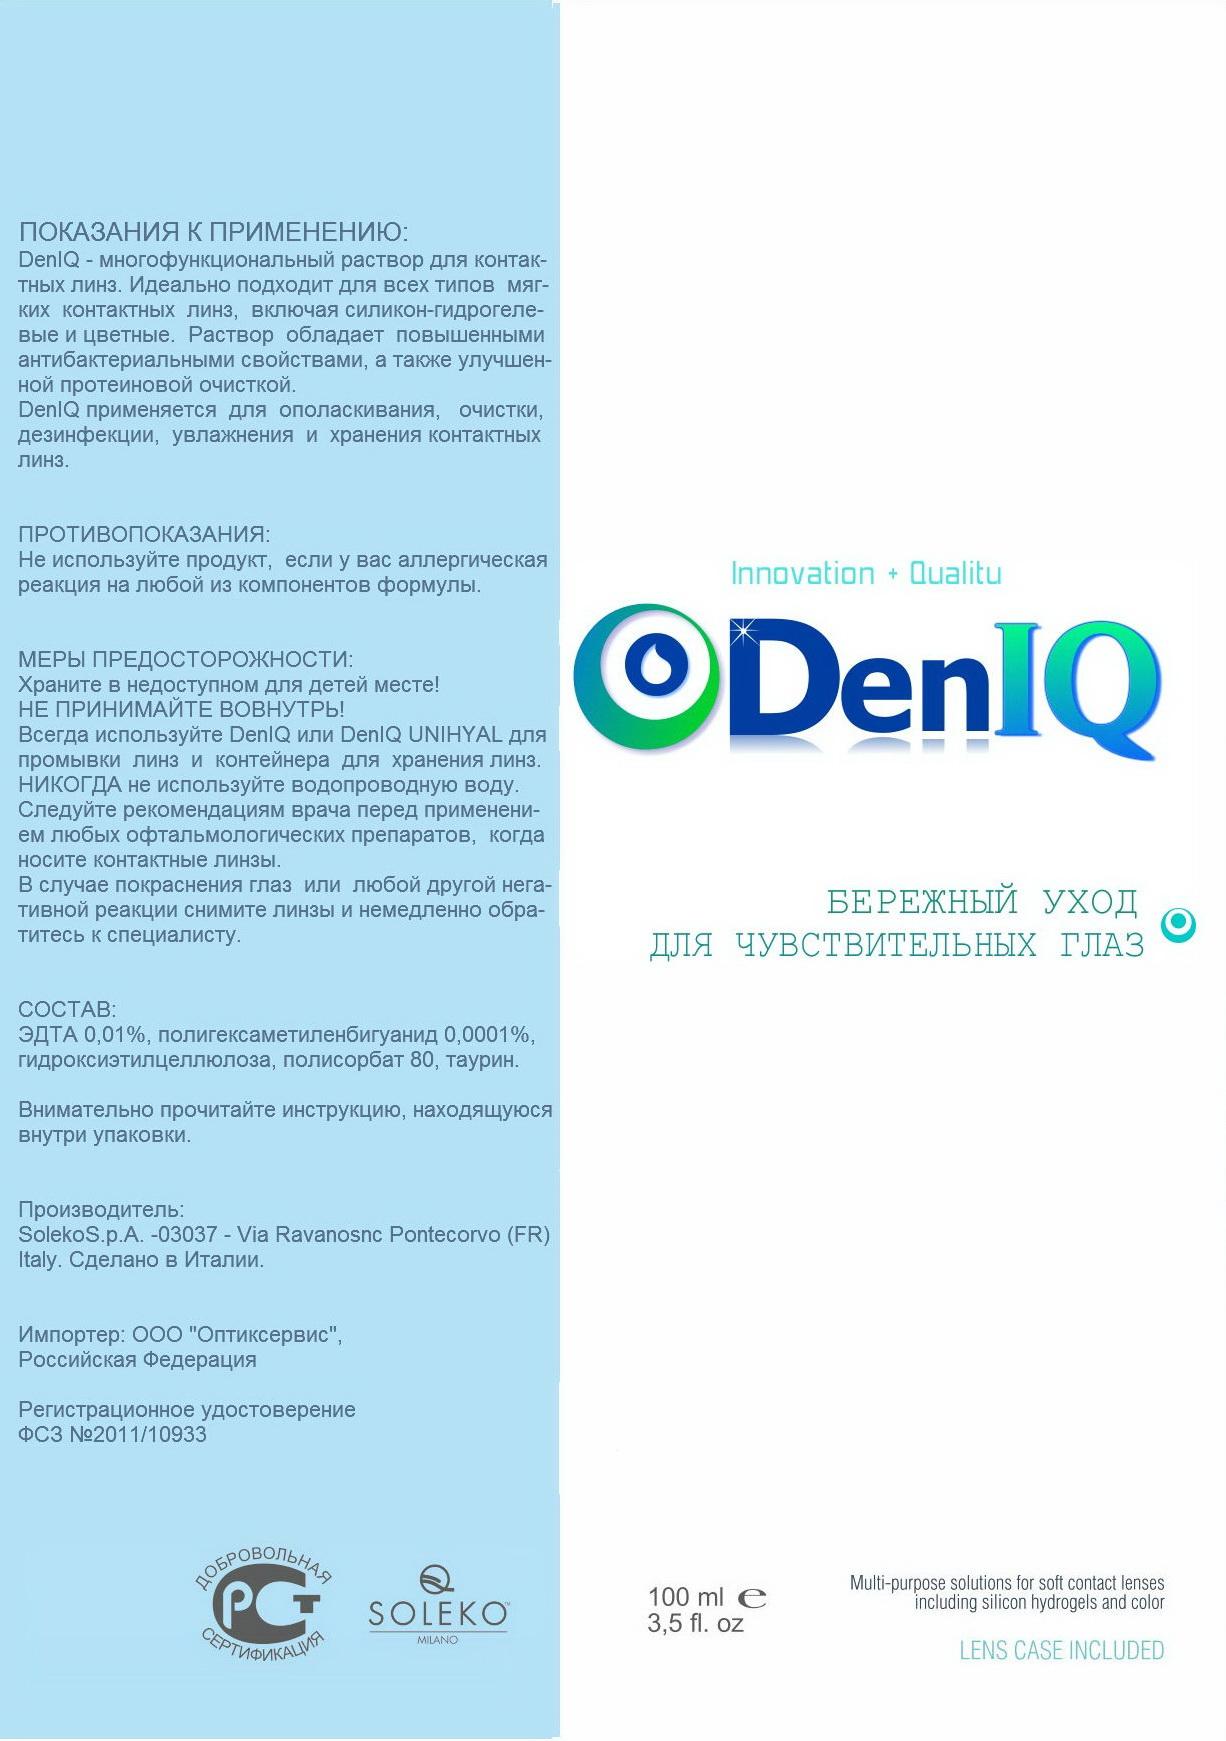 Конкурс на разработку дизайна упаковки фото f_503a608a34408.jpg